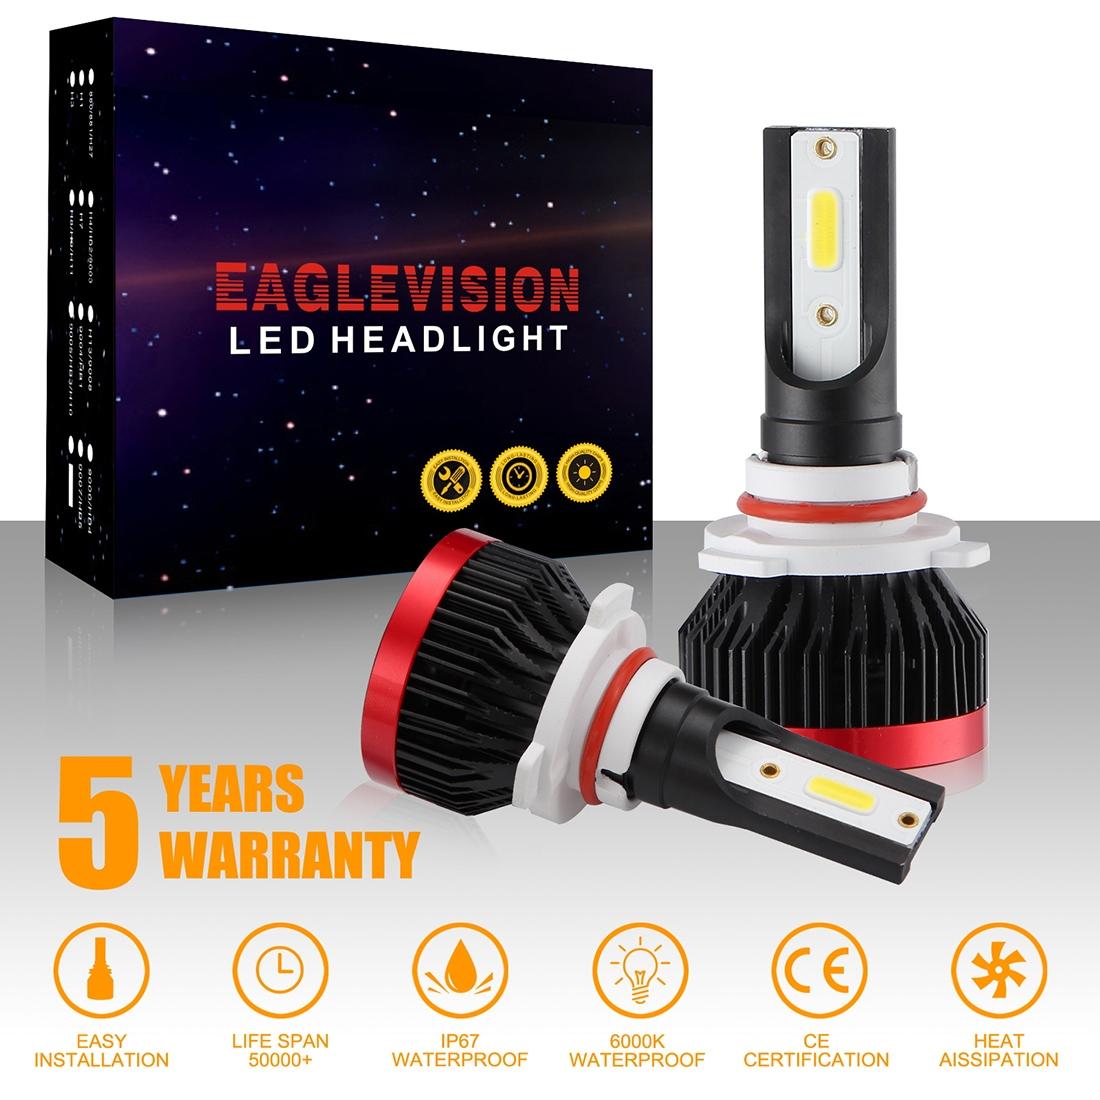 2 PCS EV7 9005 / HB3 DC 9-32V 36W 3000LM 6000K IP67 LED Car Headlight Lamps, with Mini LED Driver and Cable (White Light)